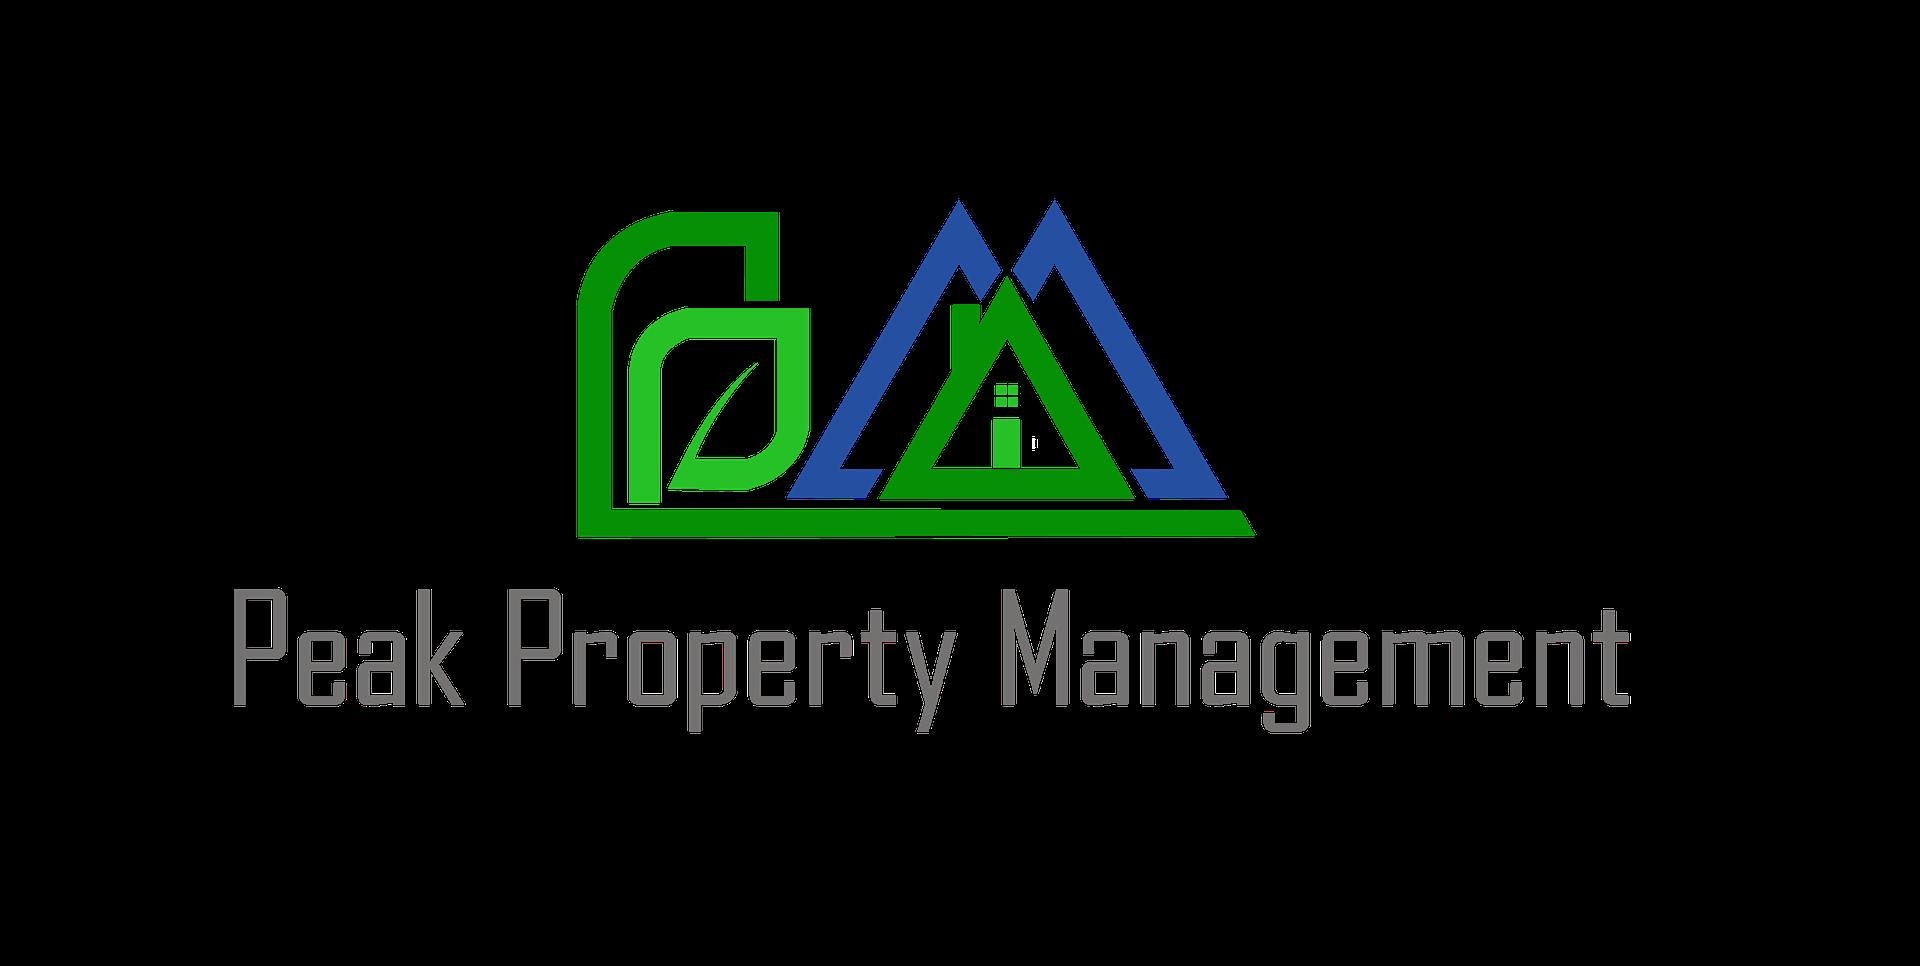 Peak property management logo